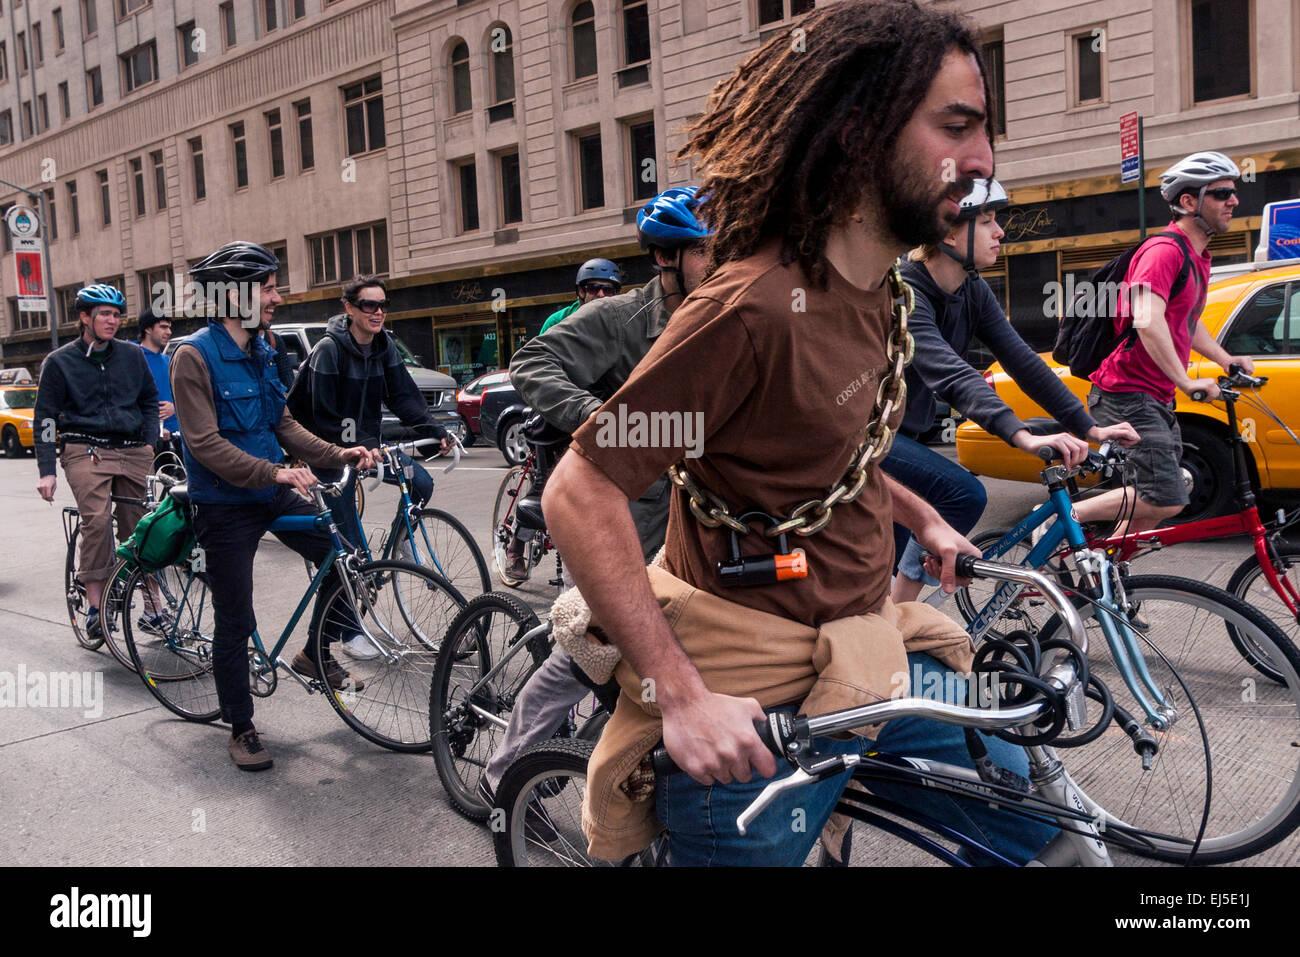 New York, NY 21 Aprile 2008 - Membri della difesa ambientale gruppo, Times-Up, la Giornata della Terra in bicicletta Immagini Stock